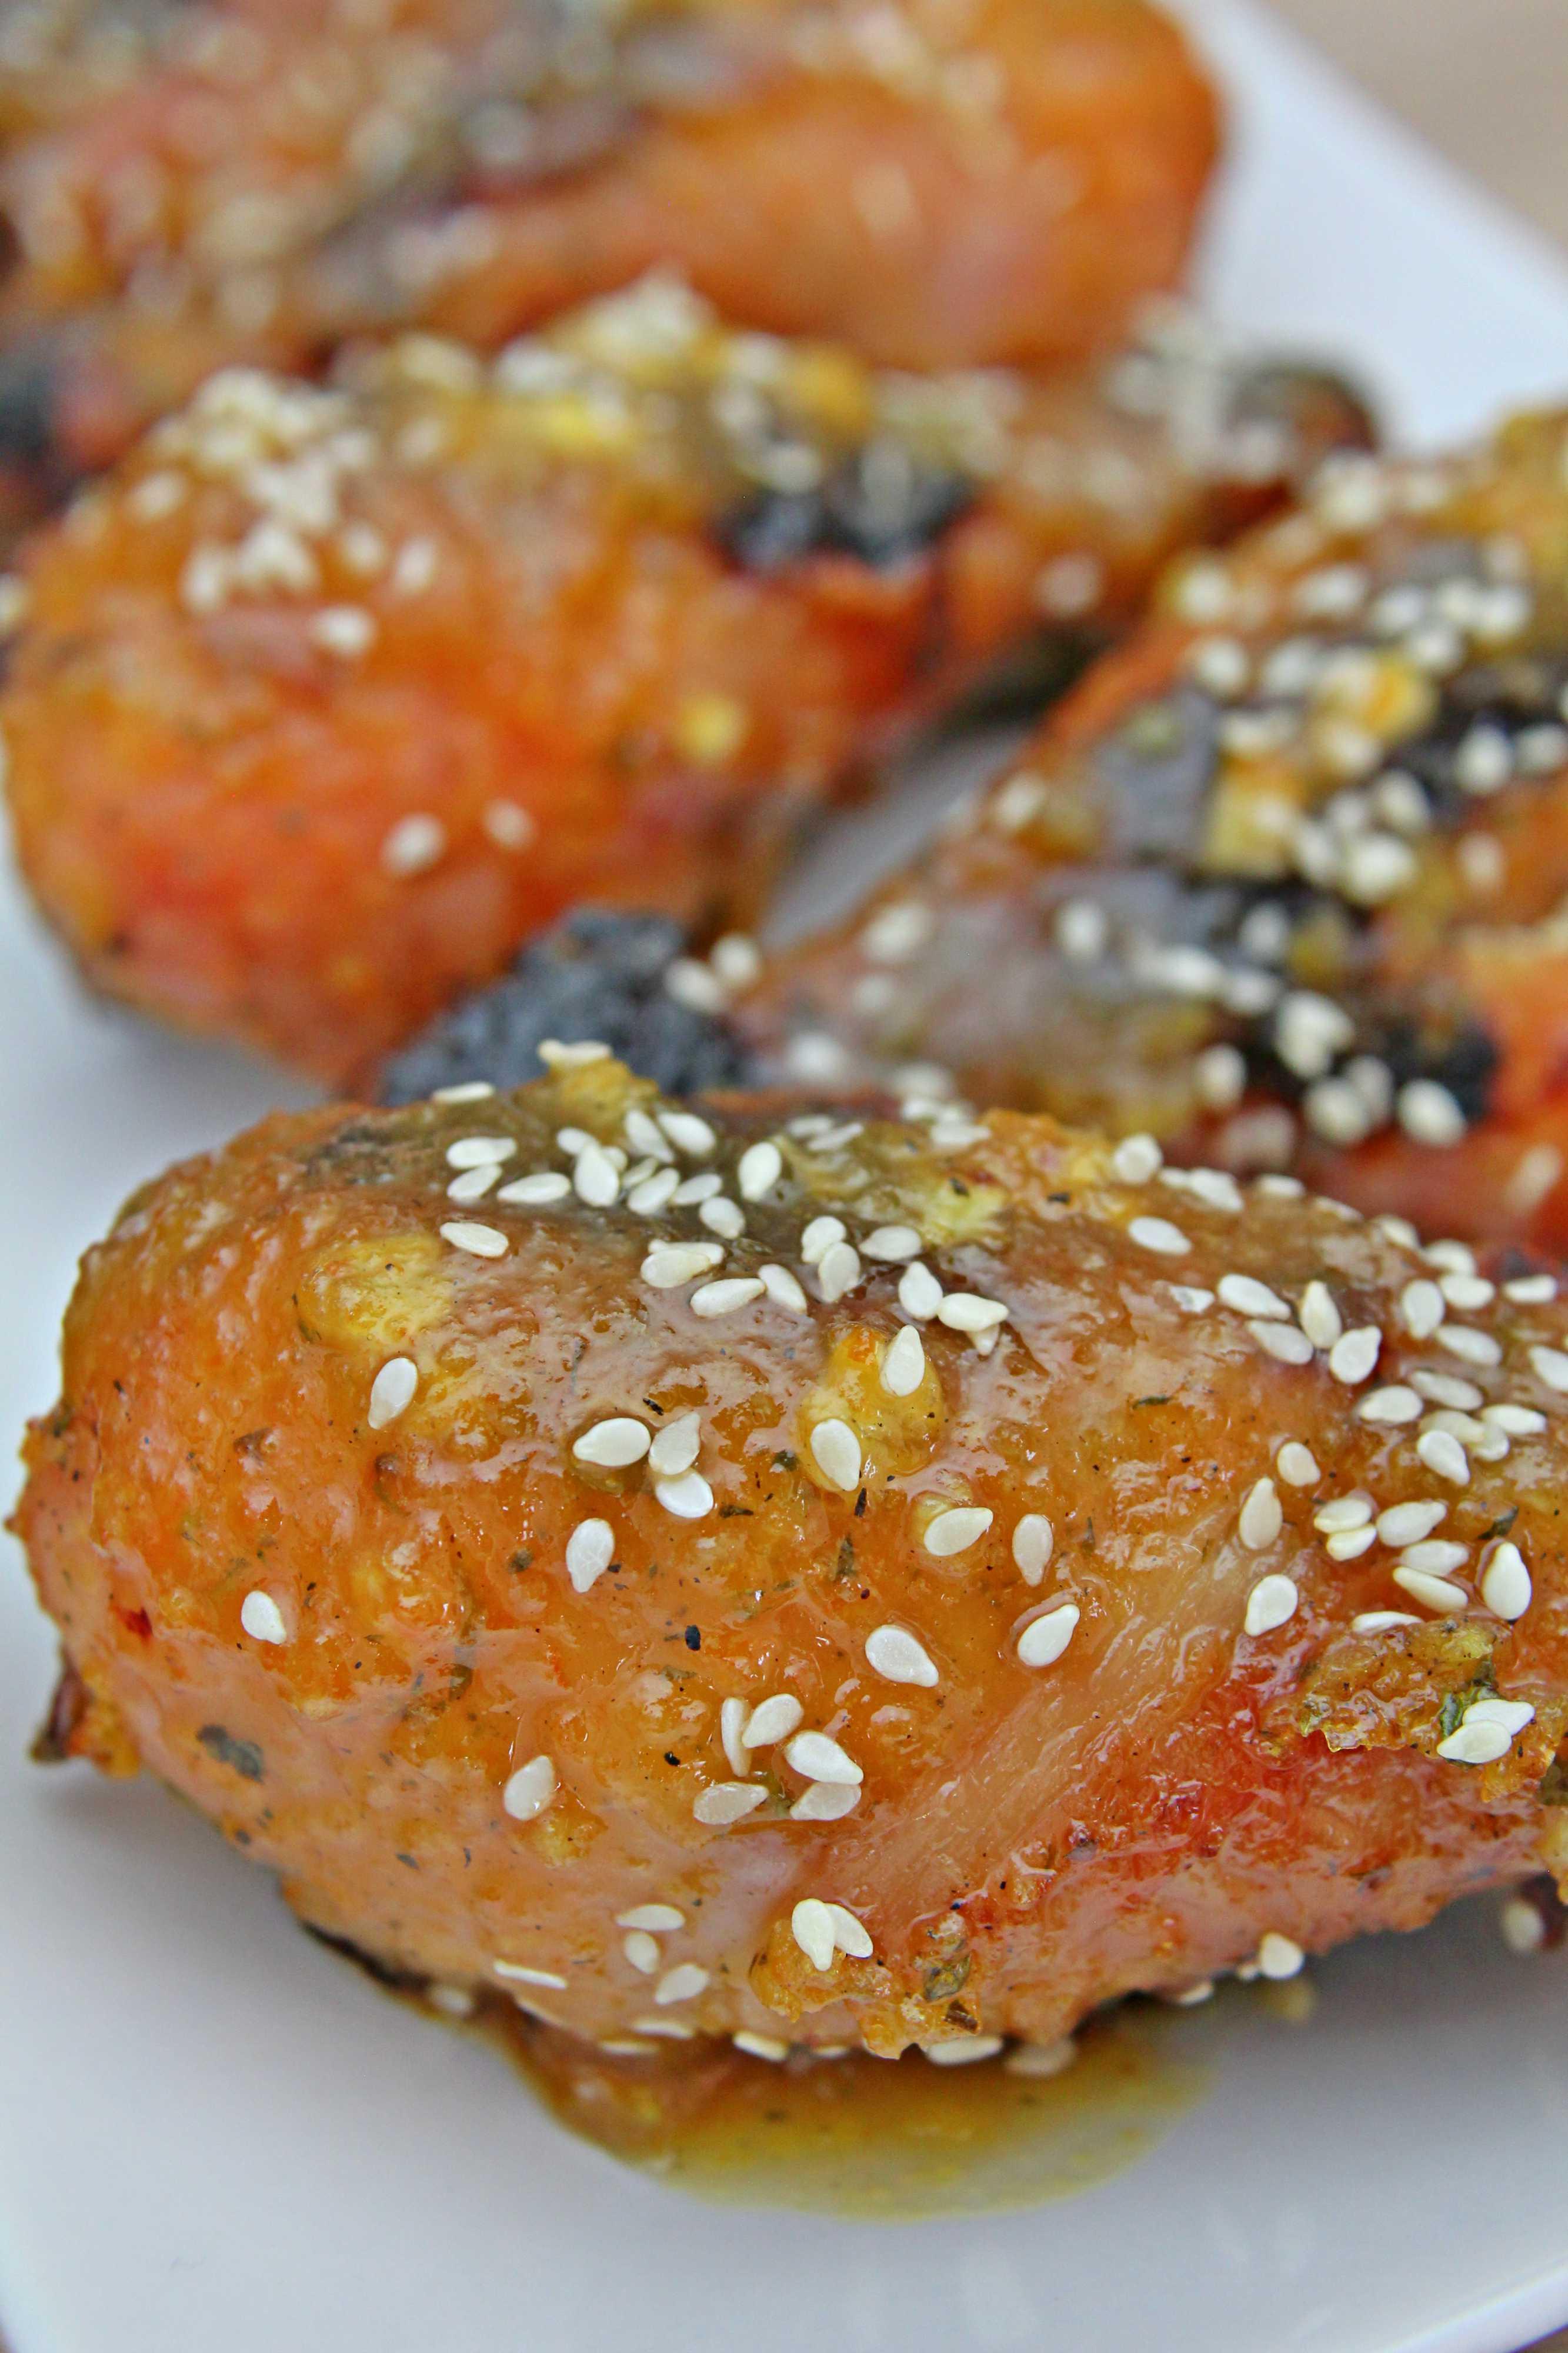 Ciocanele in sos de portocale pe platou alb